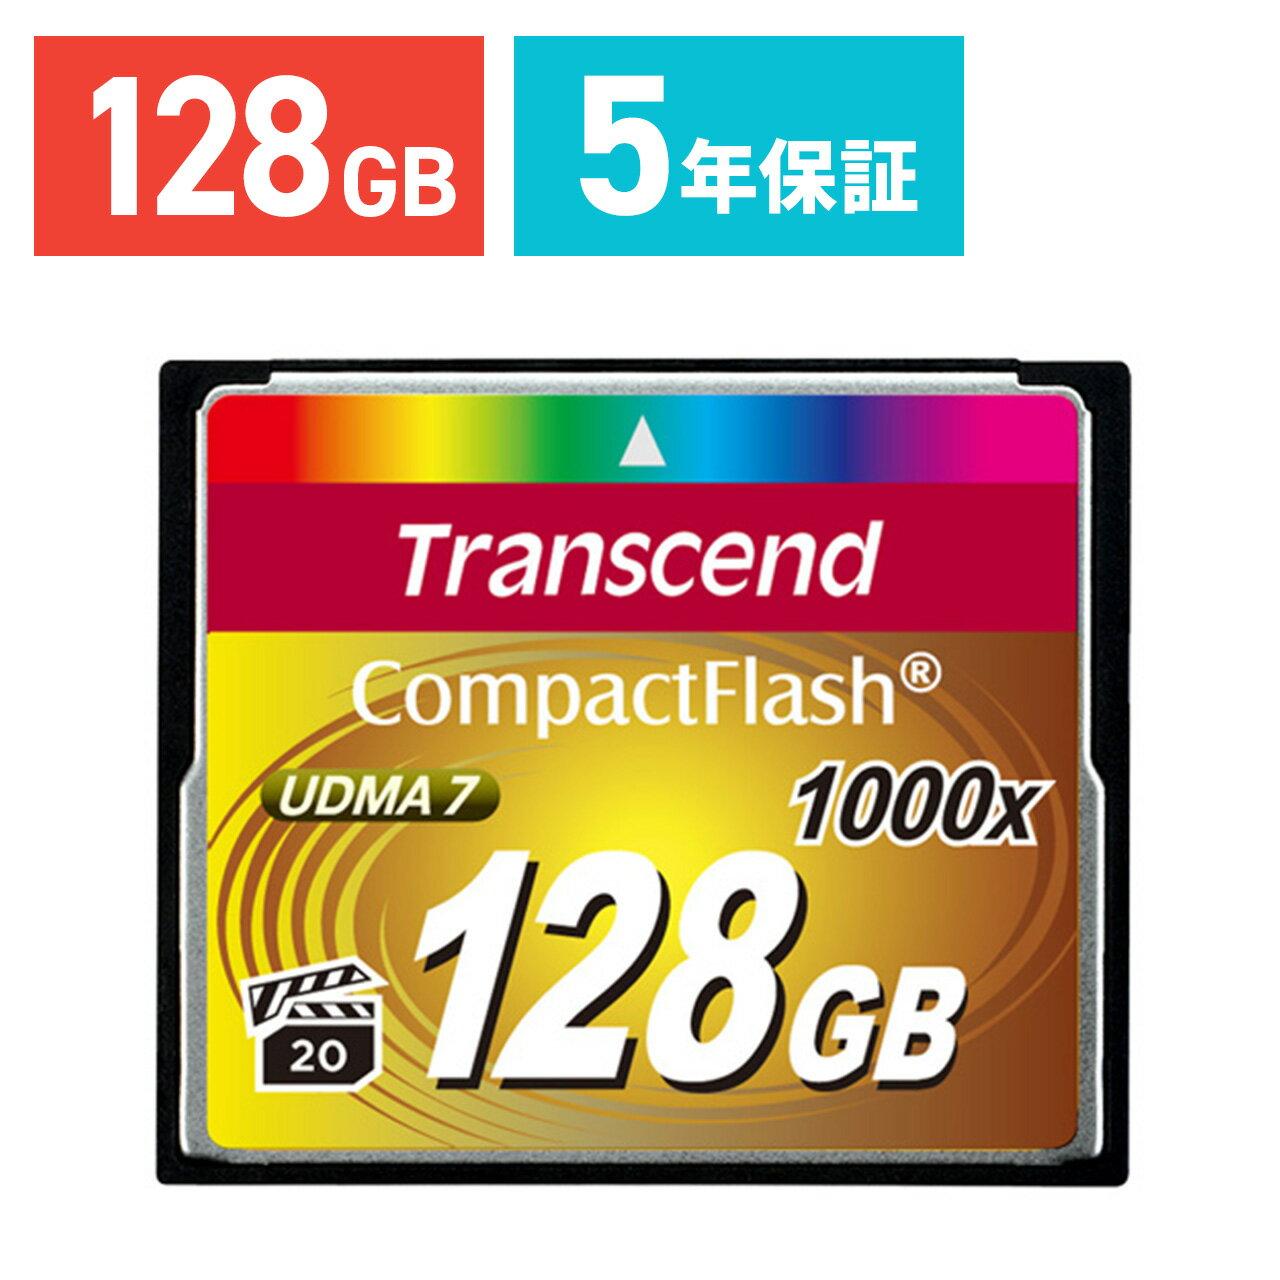 【送料無料】Transcend コンパクトフラッシュ 128GB 1000倍速 永久保証 [TS128GCF1000]